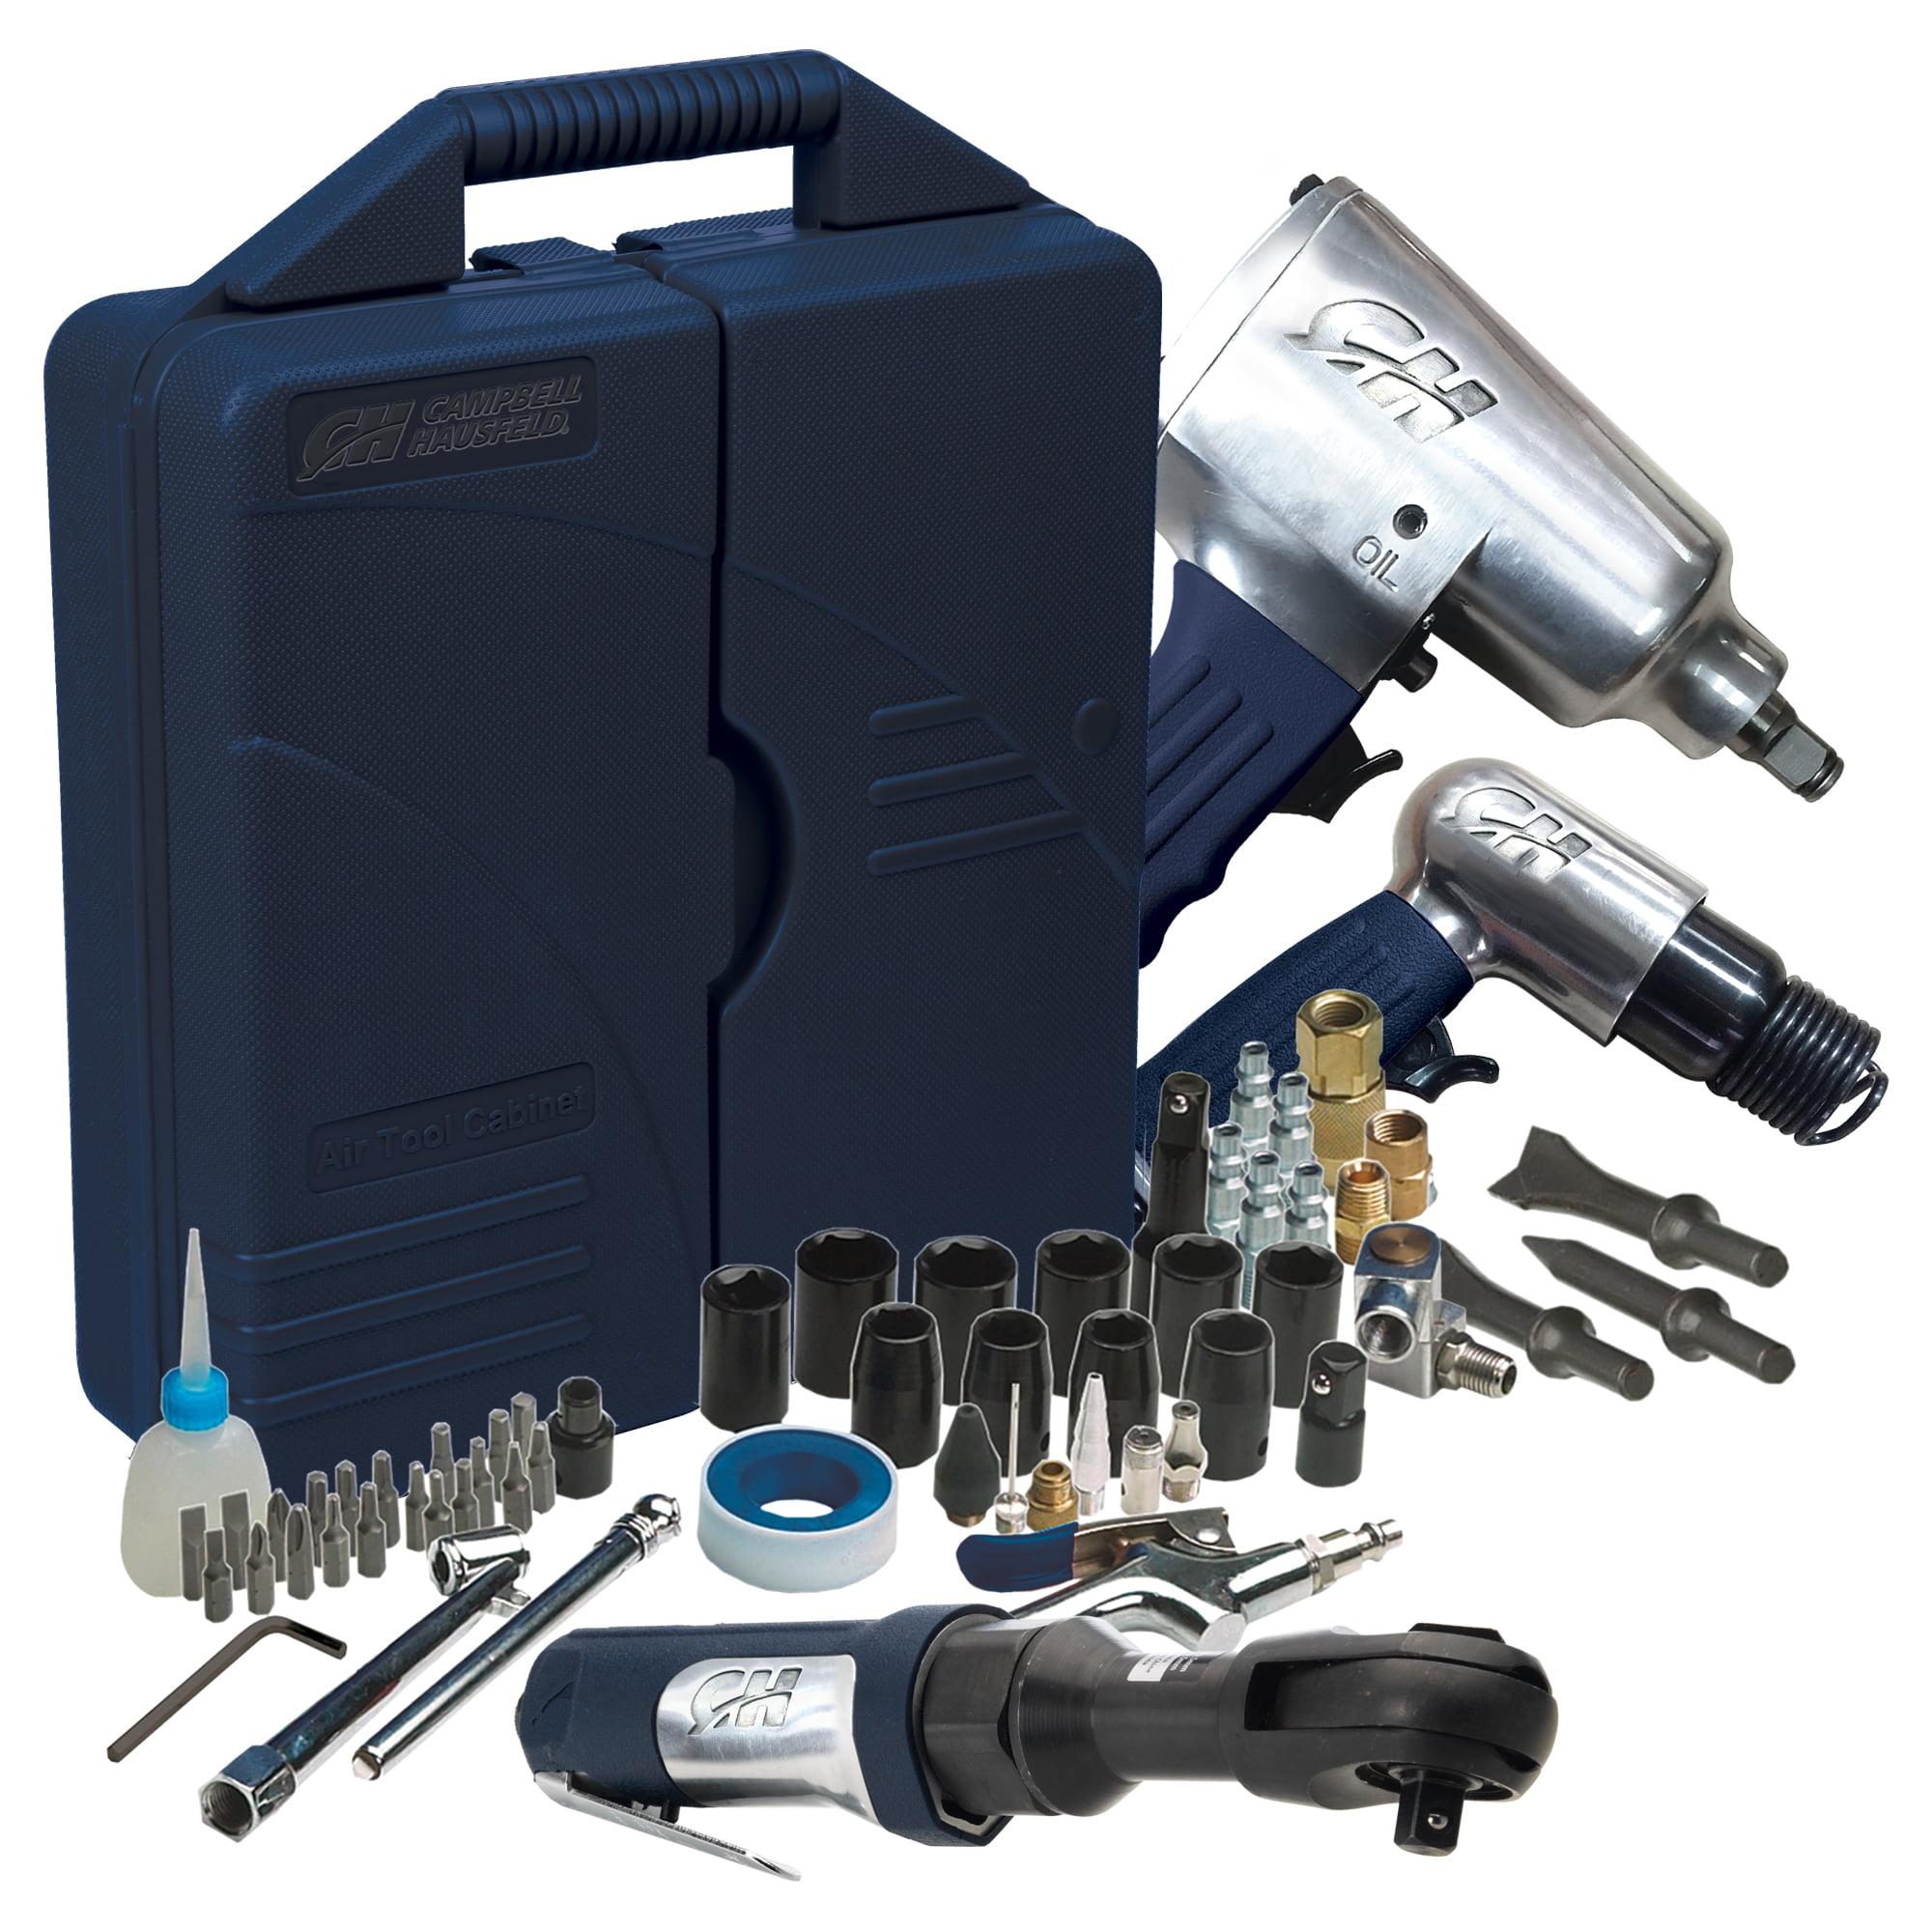 Campbell Hausfeld 62 Piece Air Tool Kit (TL106901AV)